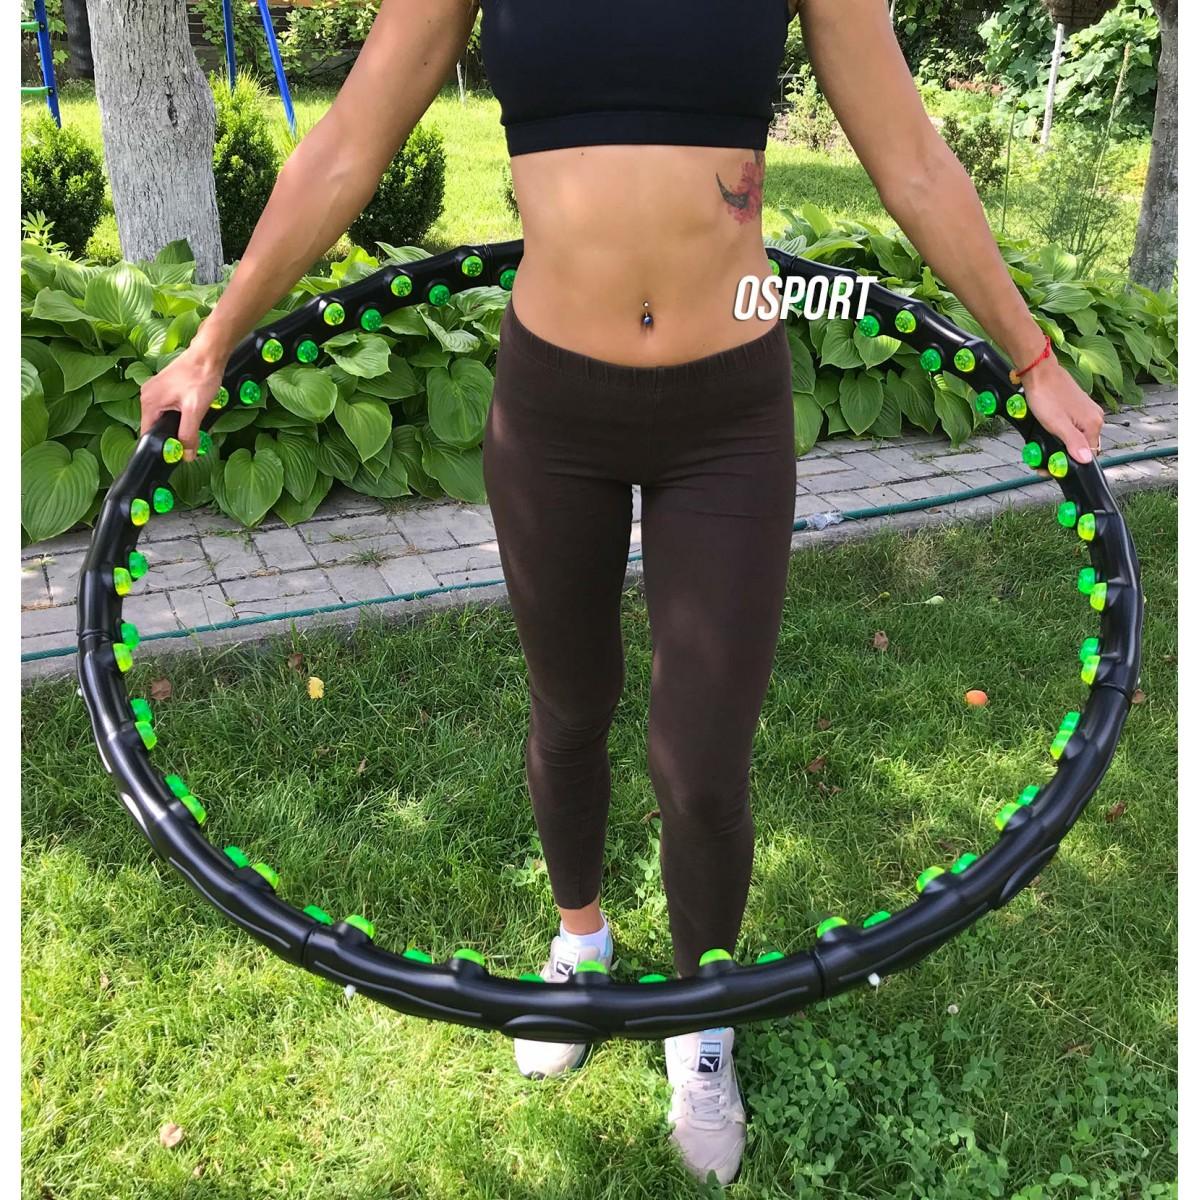 Сбросить Вес Обруч. Помогает ли обруч для талии похудеть в животе и боках: упражнения для лучшего результата